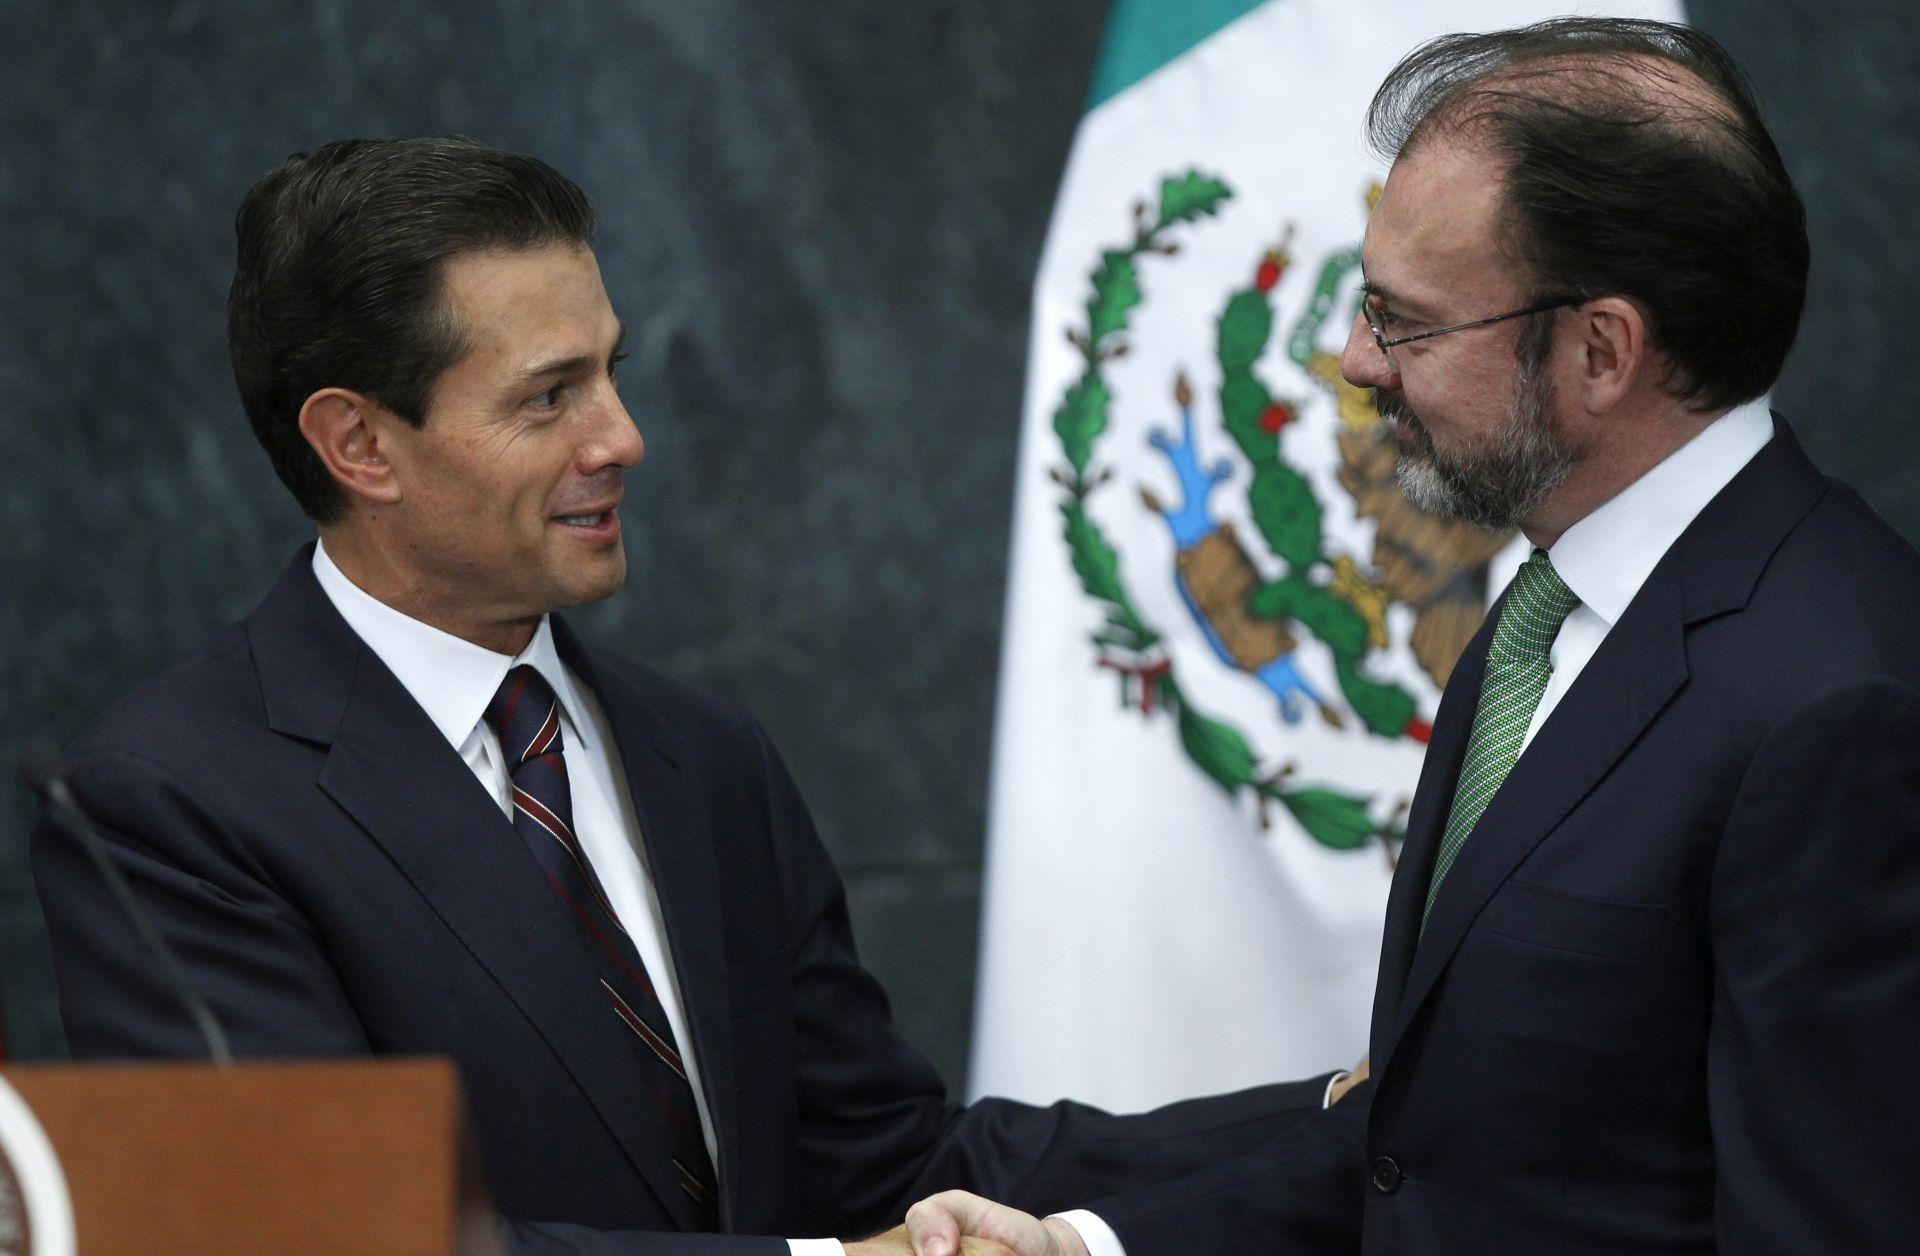 VIDEGARAY Meksiko će pregovarati s Trumpom 'bez straha'